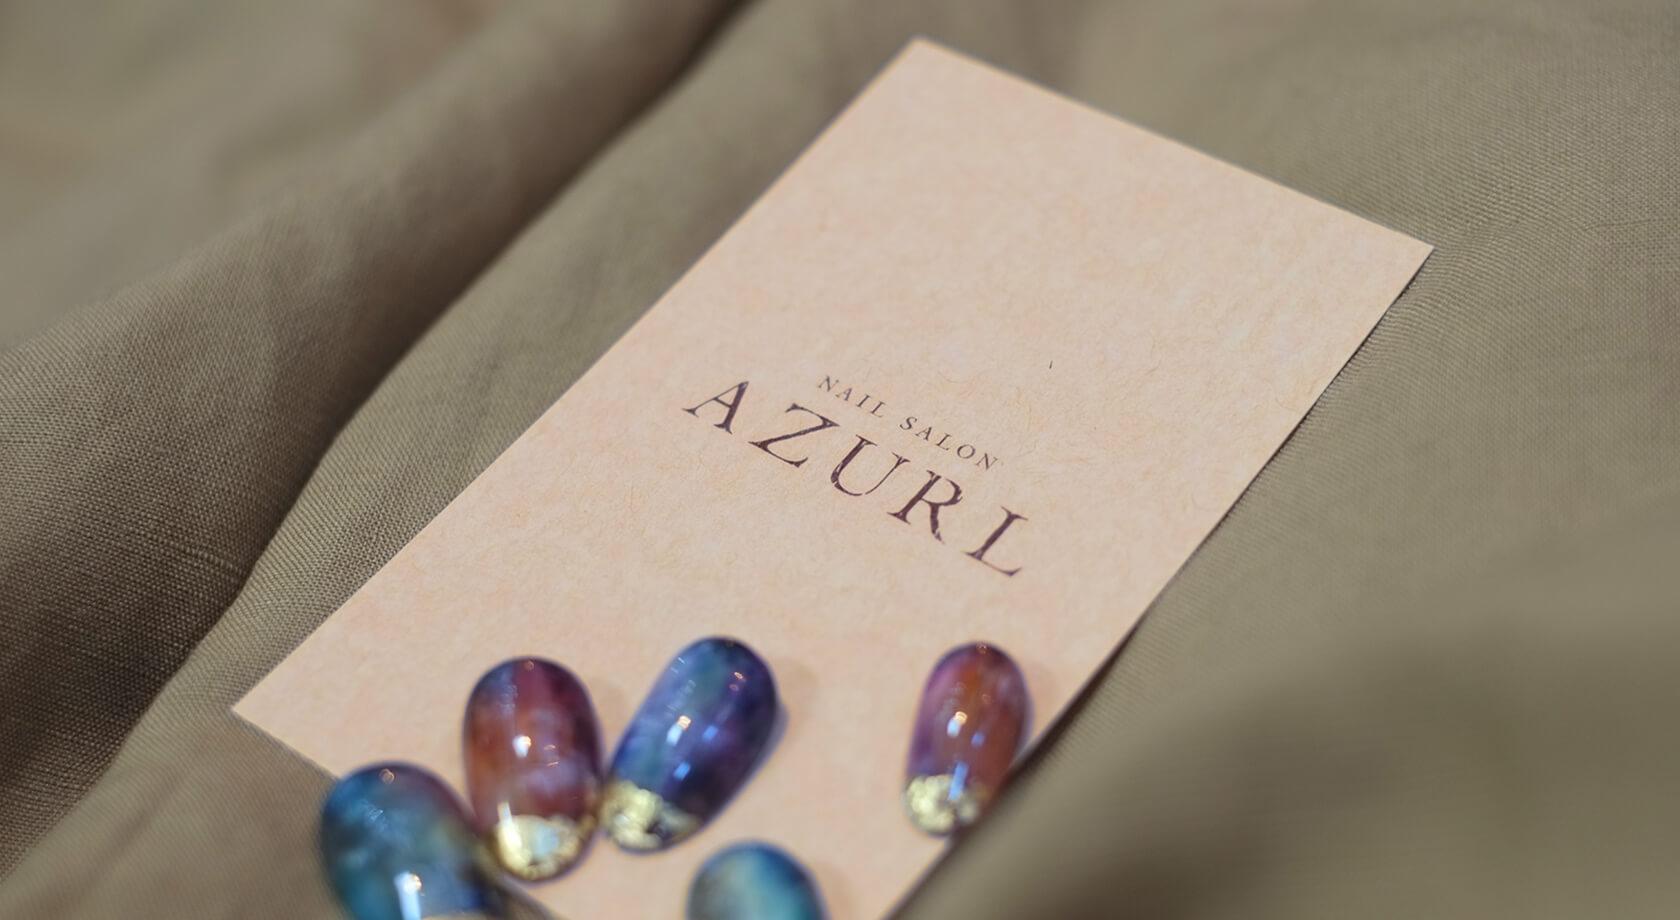 Nail Salon AZURL / ショップカード・名刺制作